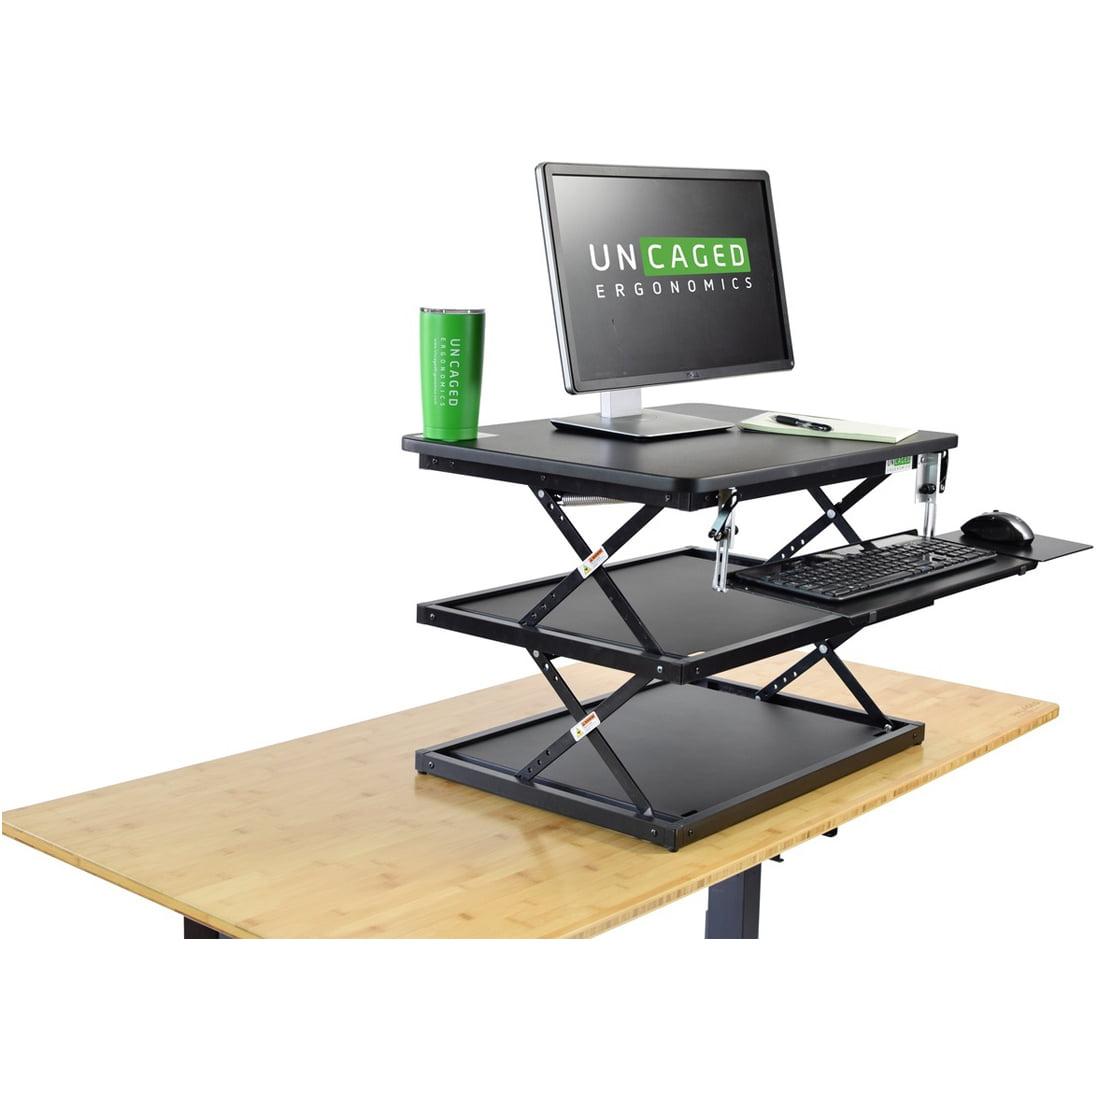 Uncaged Ergonomics Changedesk Adjustable Height Standing Desk